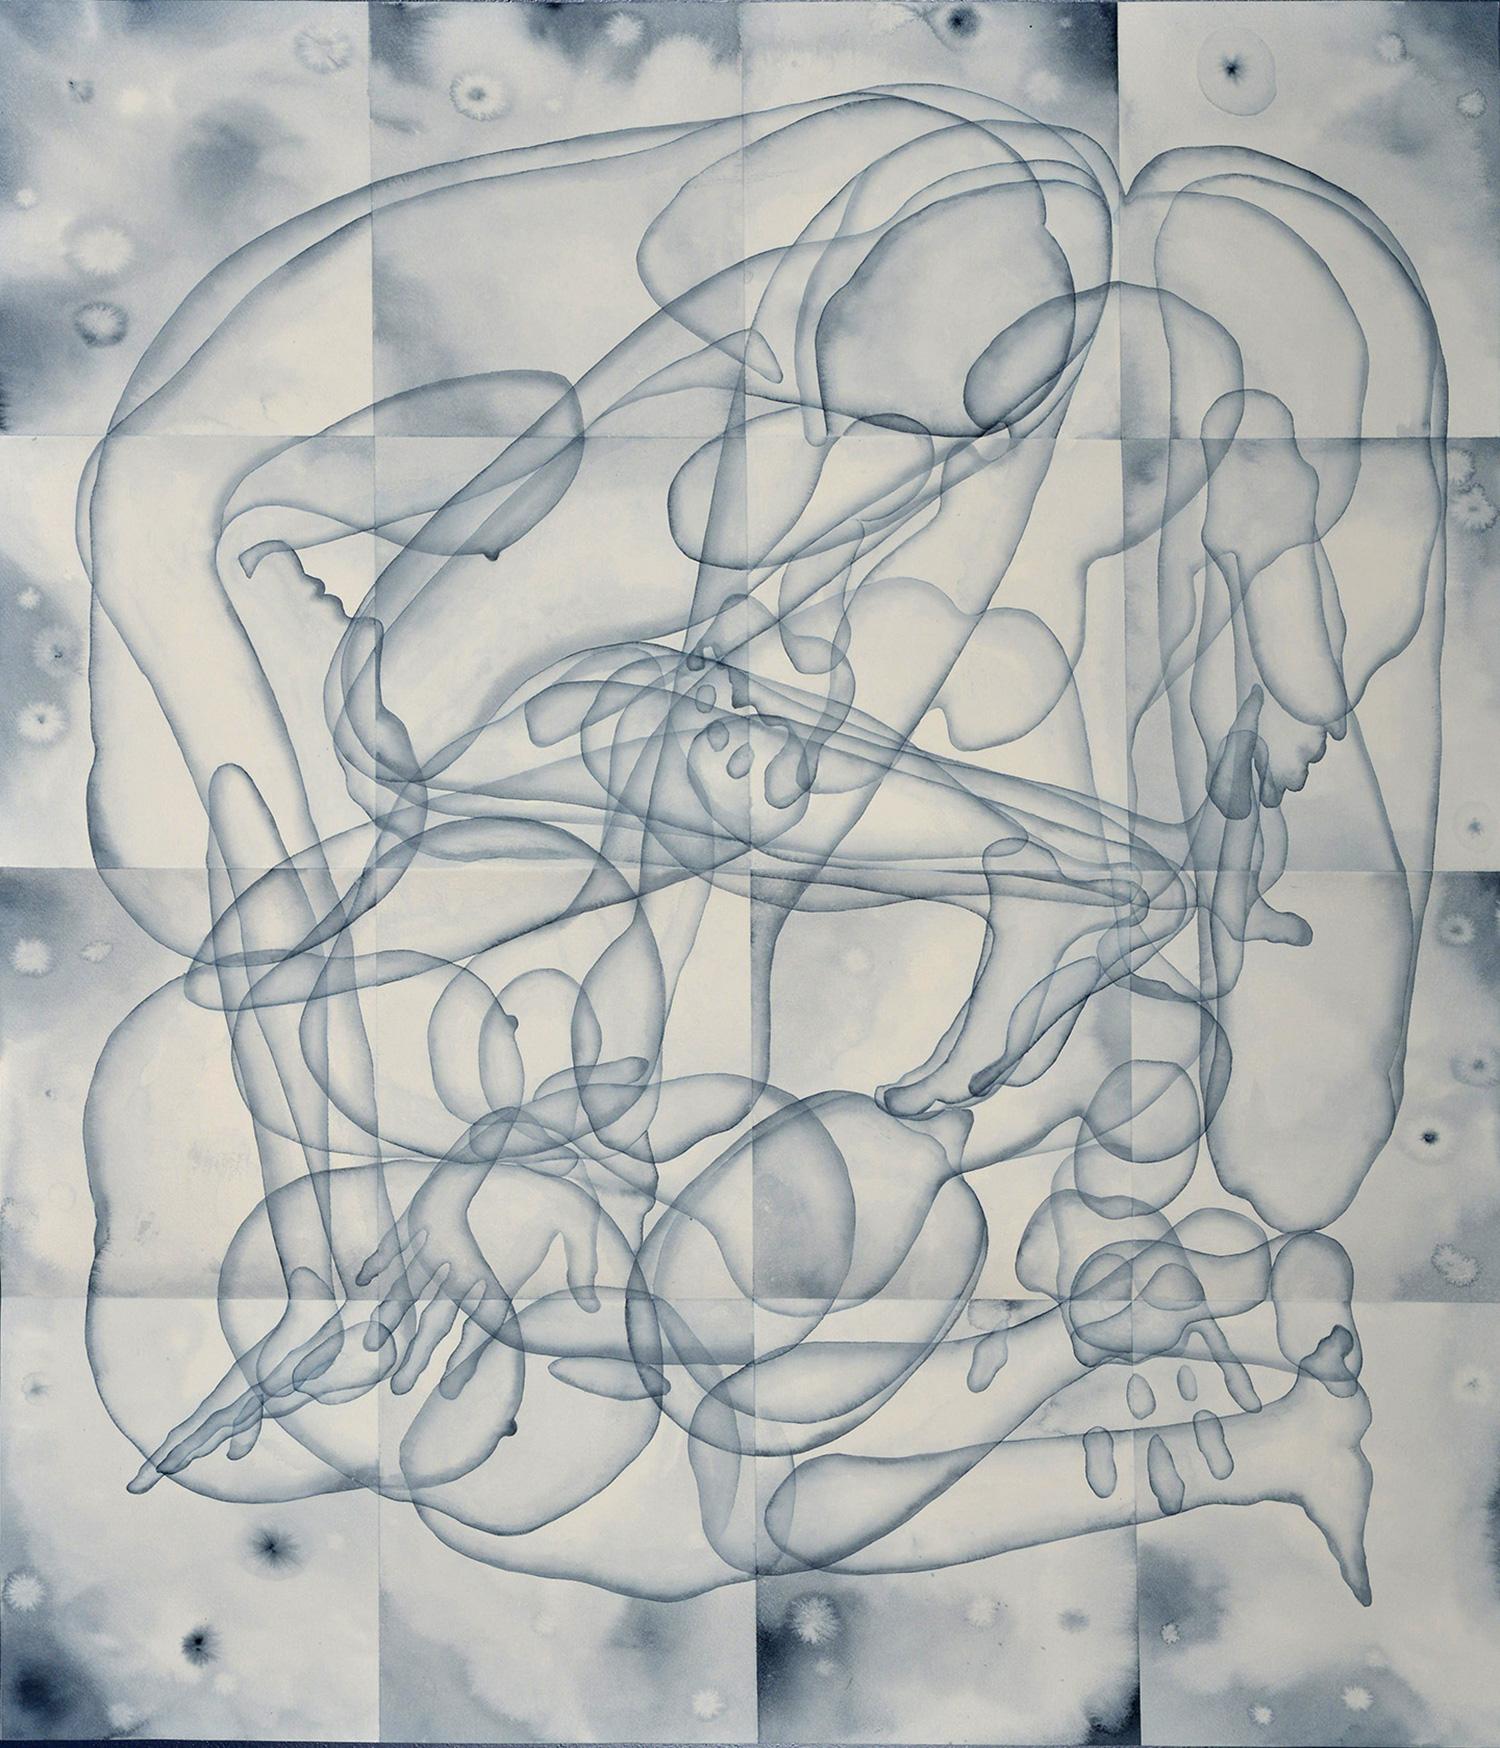 Stefano Bolzano, Eterogenesi e metamorfosi 01, acquerello su carta applicato su due pannelli, 110,5x95 cm, 2020.